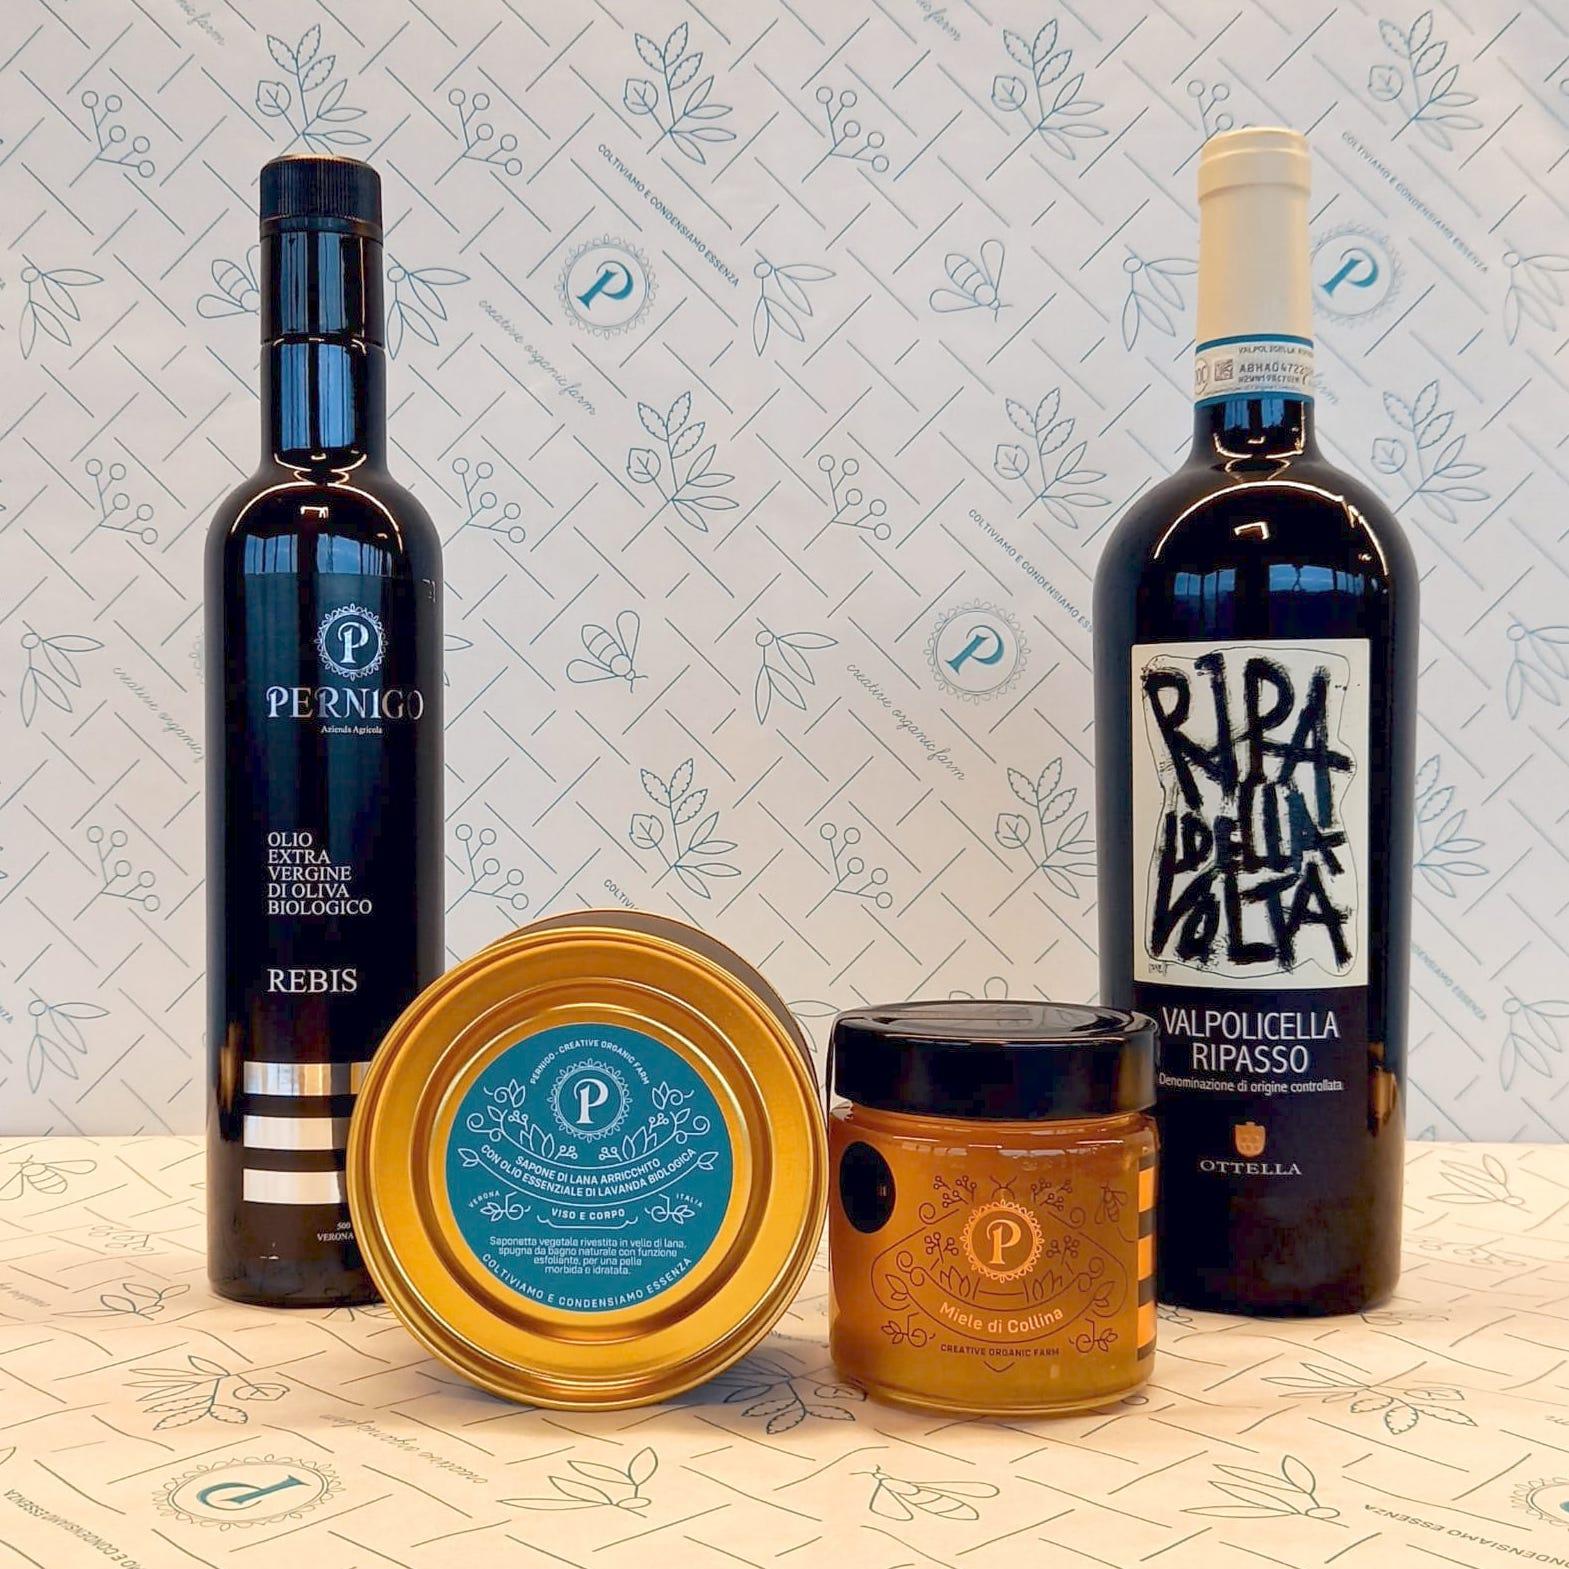 Cesto Regalo Deluxe: Valpolicella Ripasso Doc, Olio EVO Bio Rebis 0,5l, Sapone in vello di lana